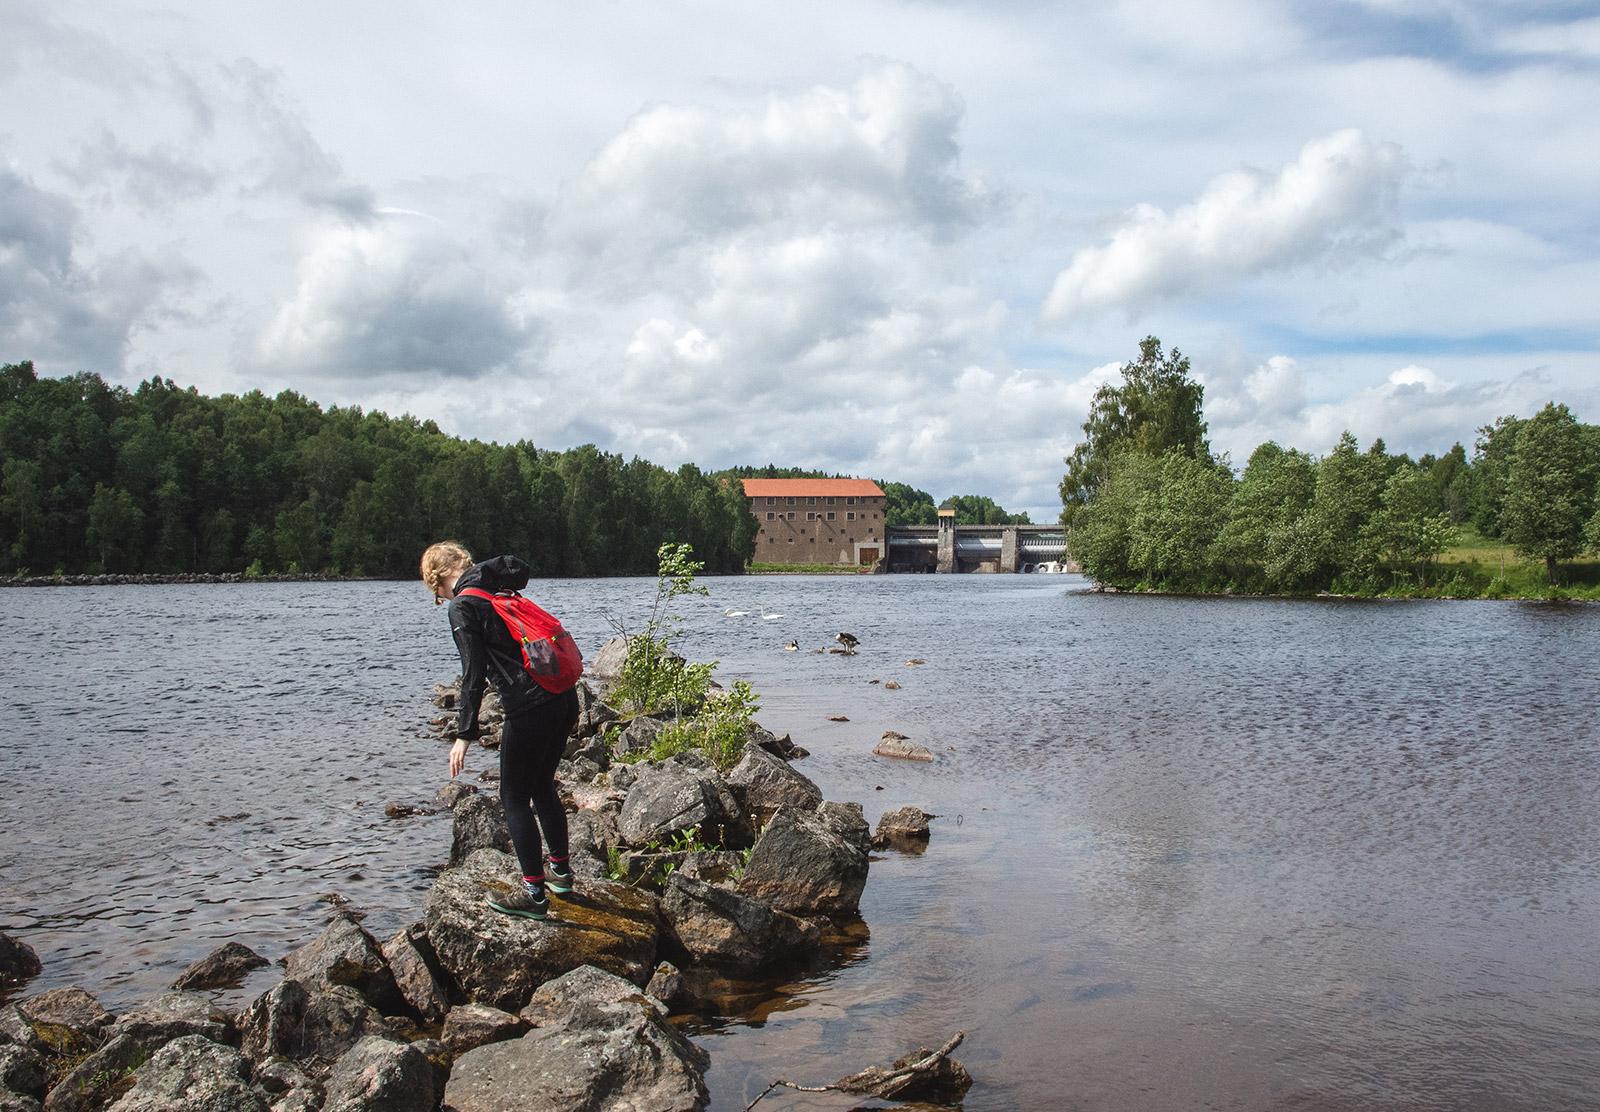 Walking on rocks in water